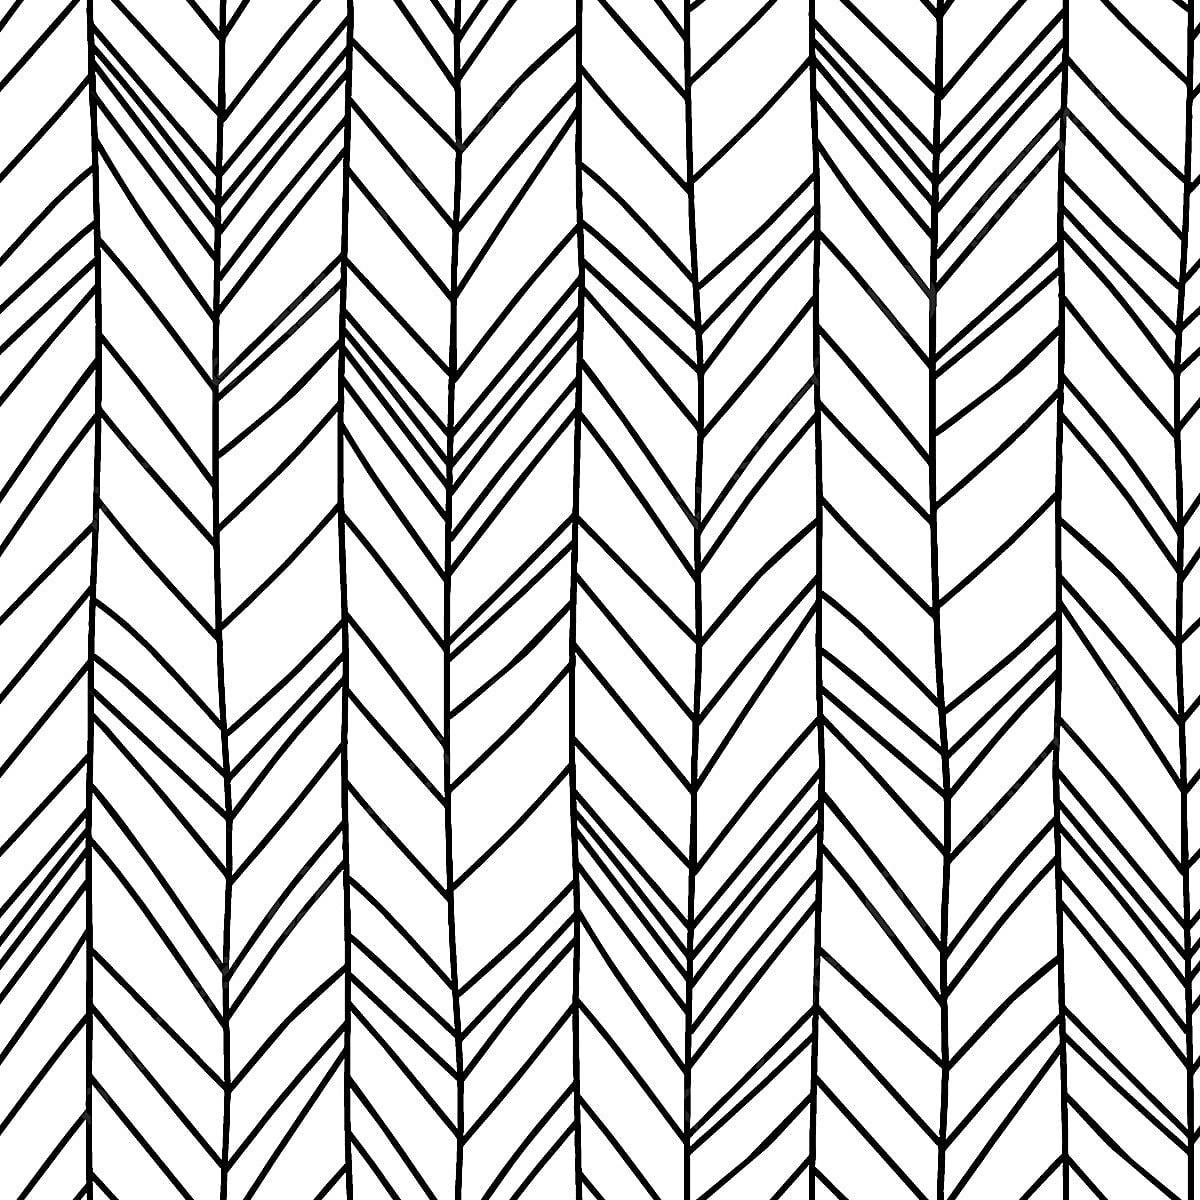 Hand Drawn Chevron Herringbone Seamless Pattern With